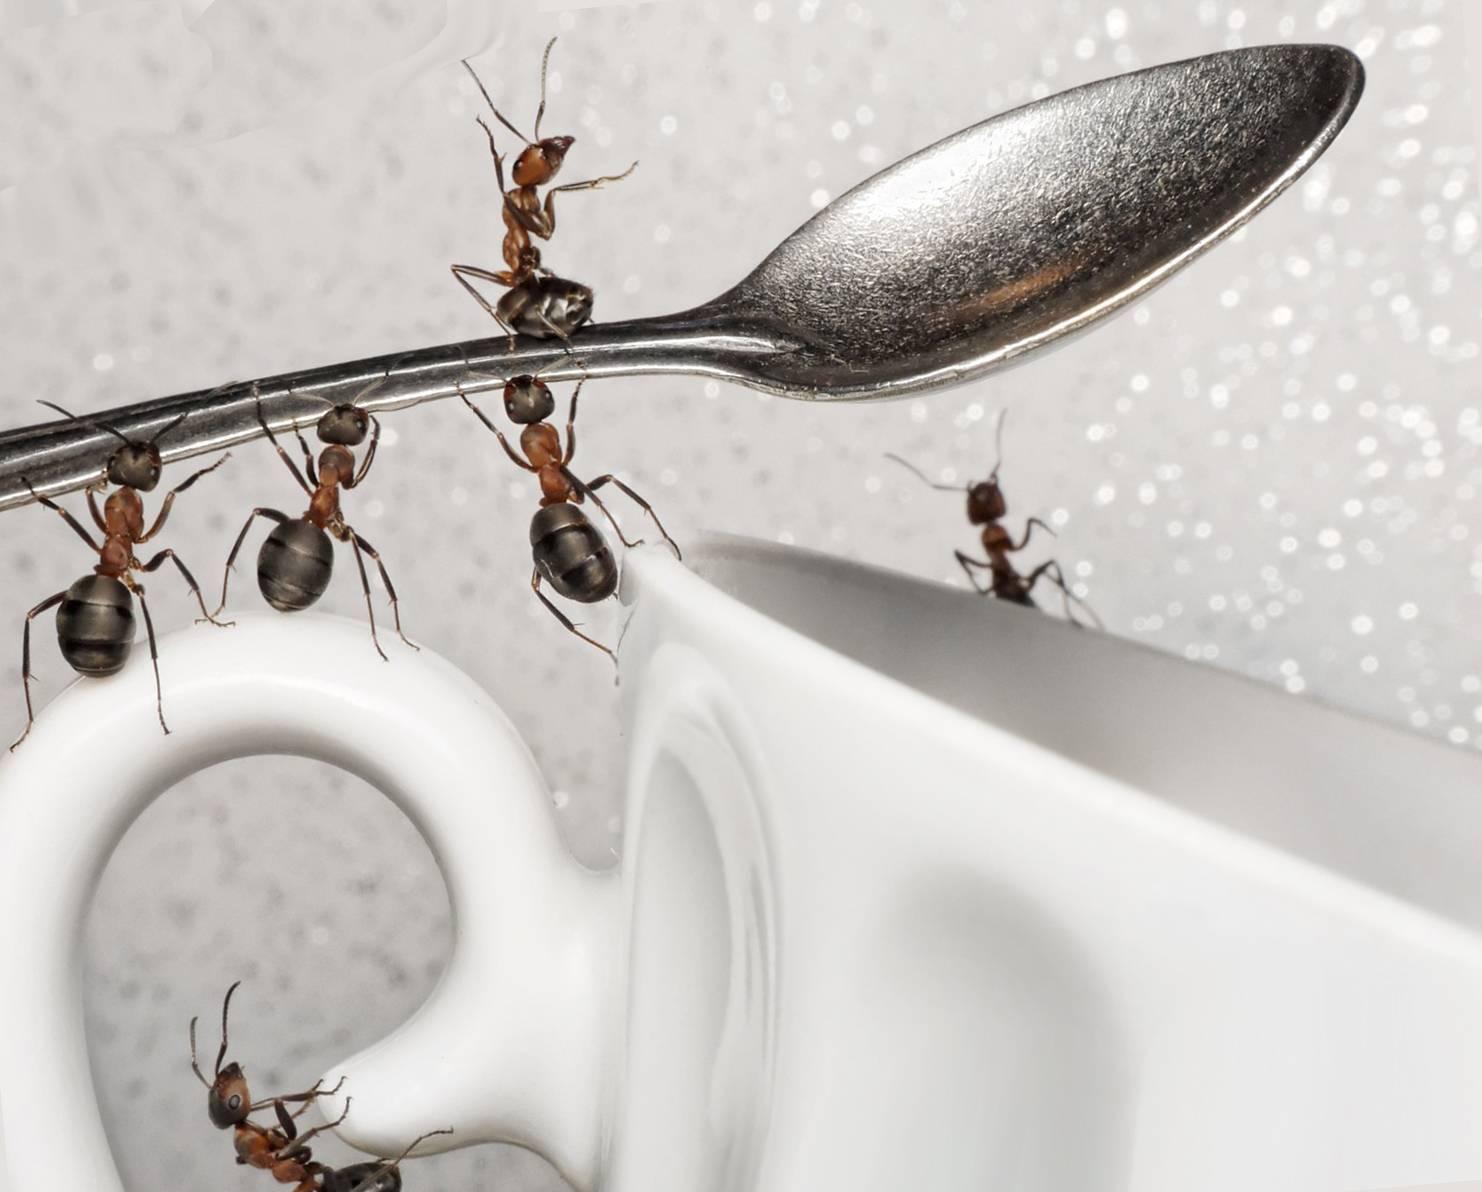 Фараоновы муравьи: чем опасны и способы борьбы